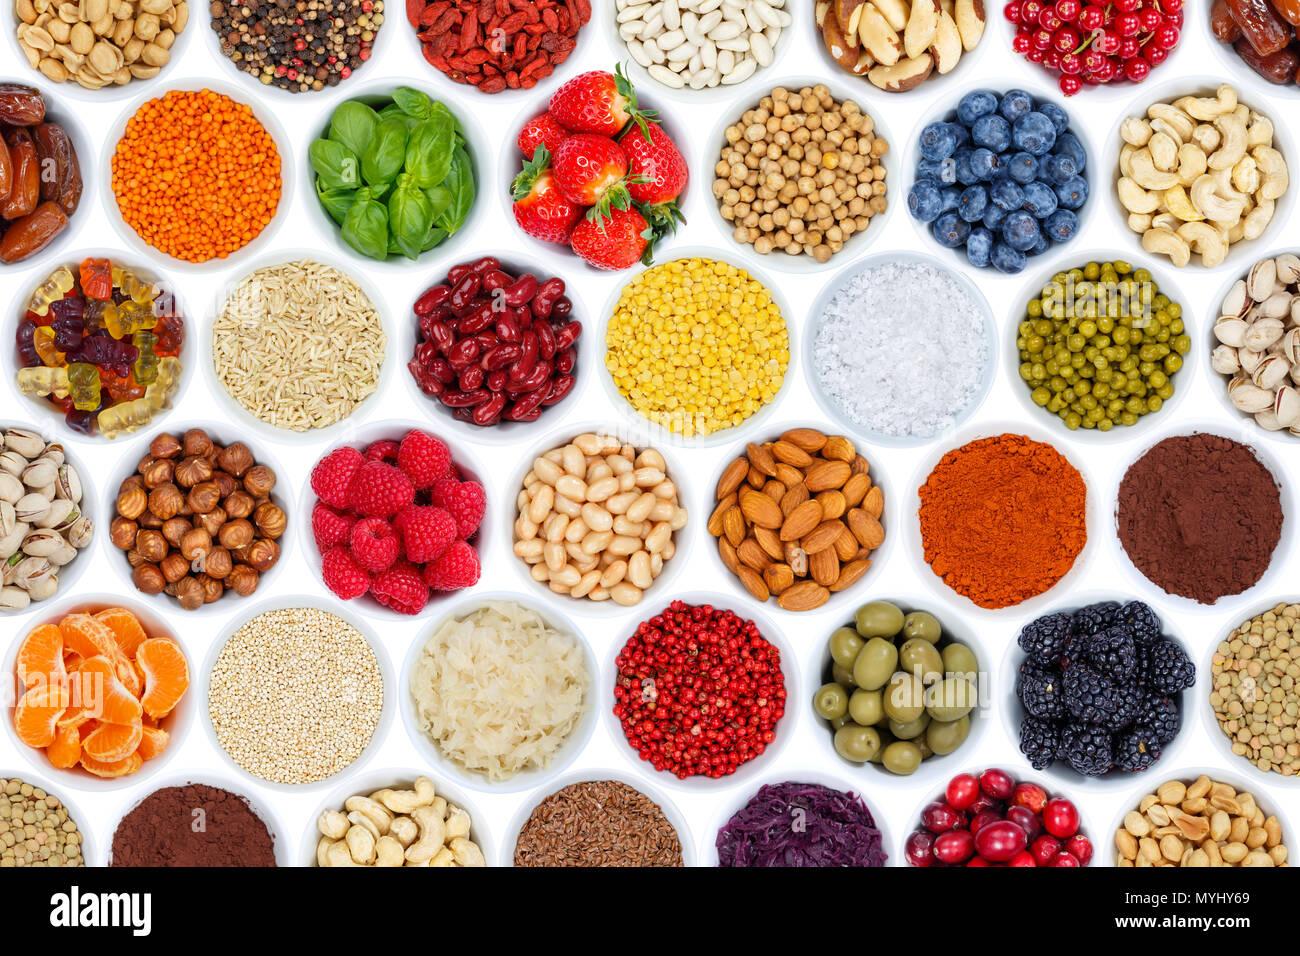 Raccolta di frutta e verdura bacche sfondo da sopra isolata su uno sfondo bianco Immagini Stock